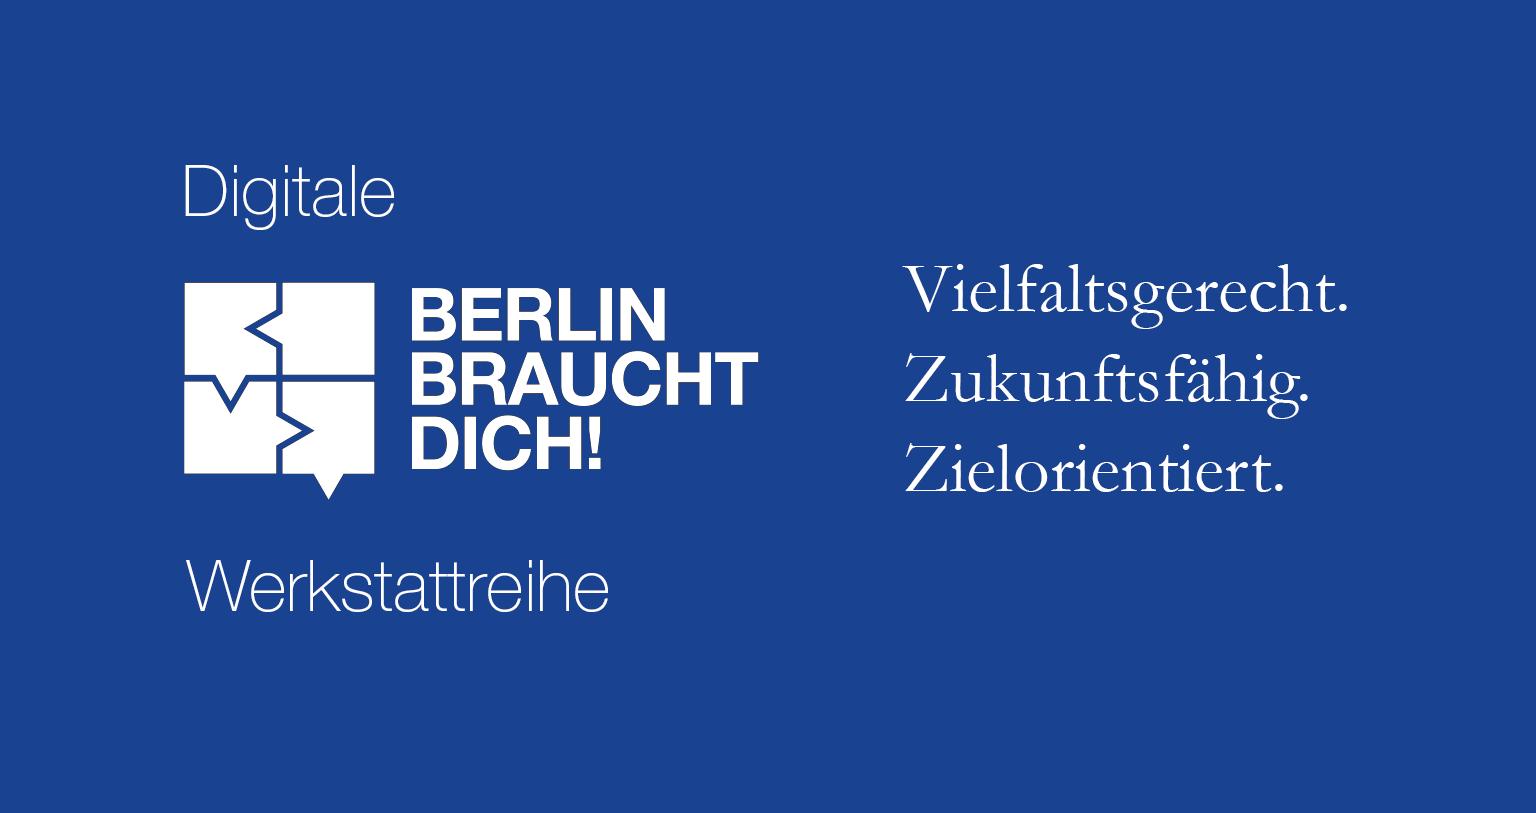 Digitale Berlin braucht dich! Werkstattreihe